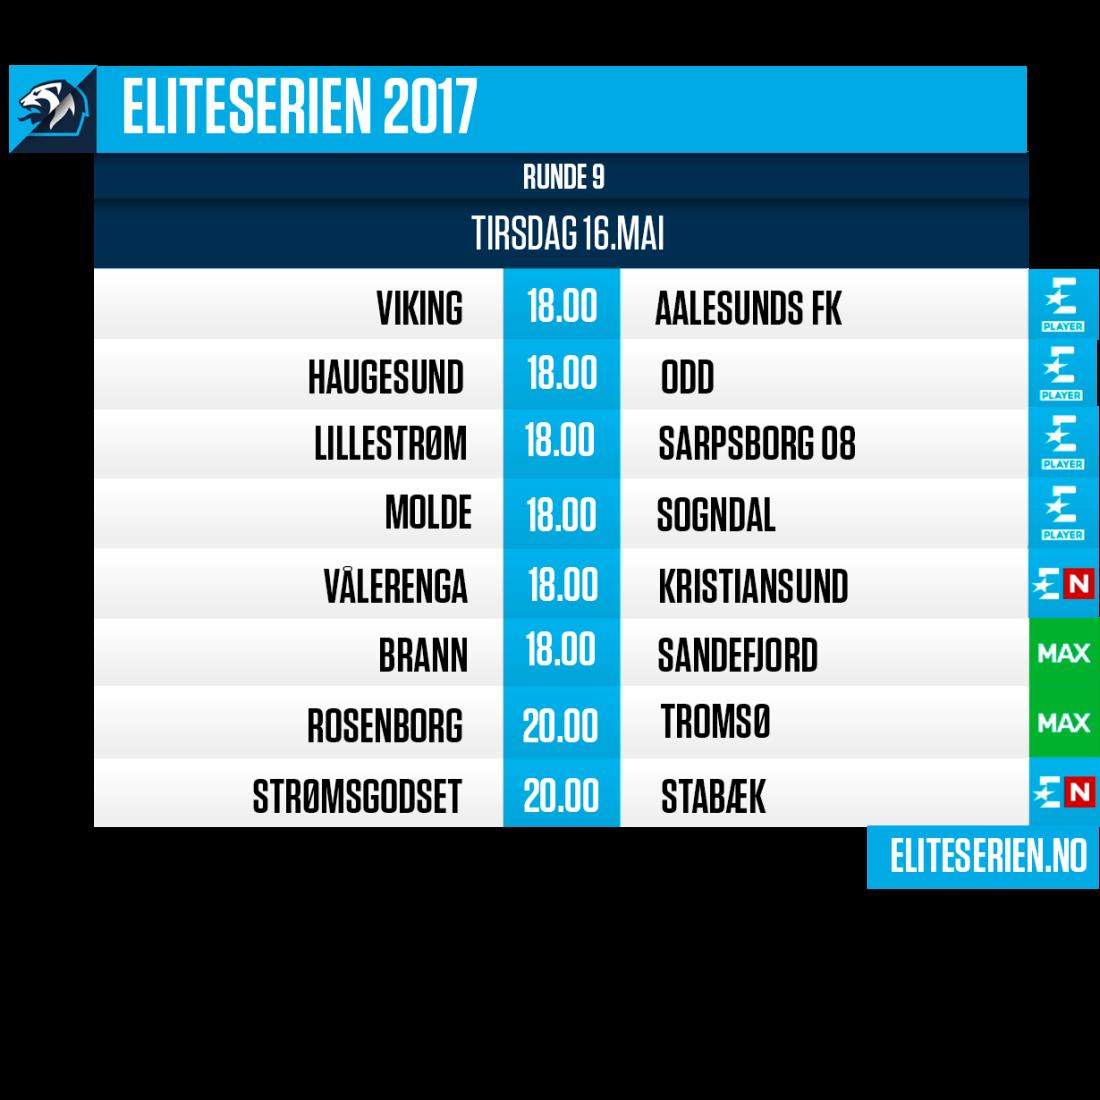 Eliteserien_runde_9.png